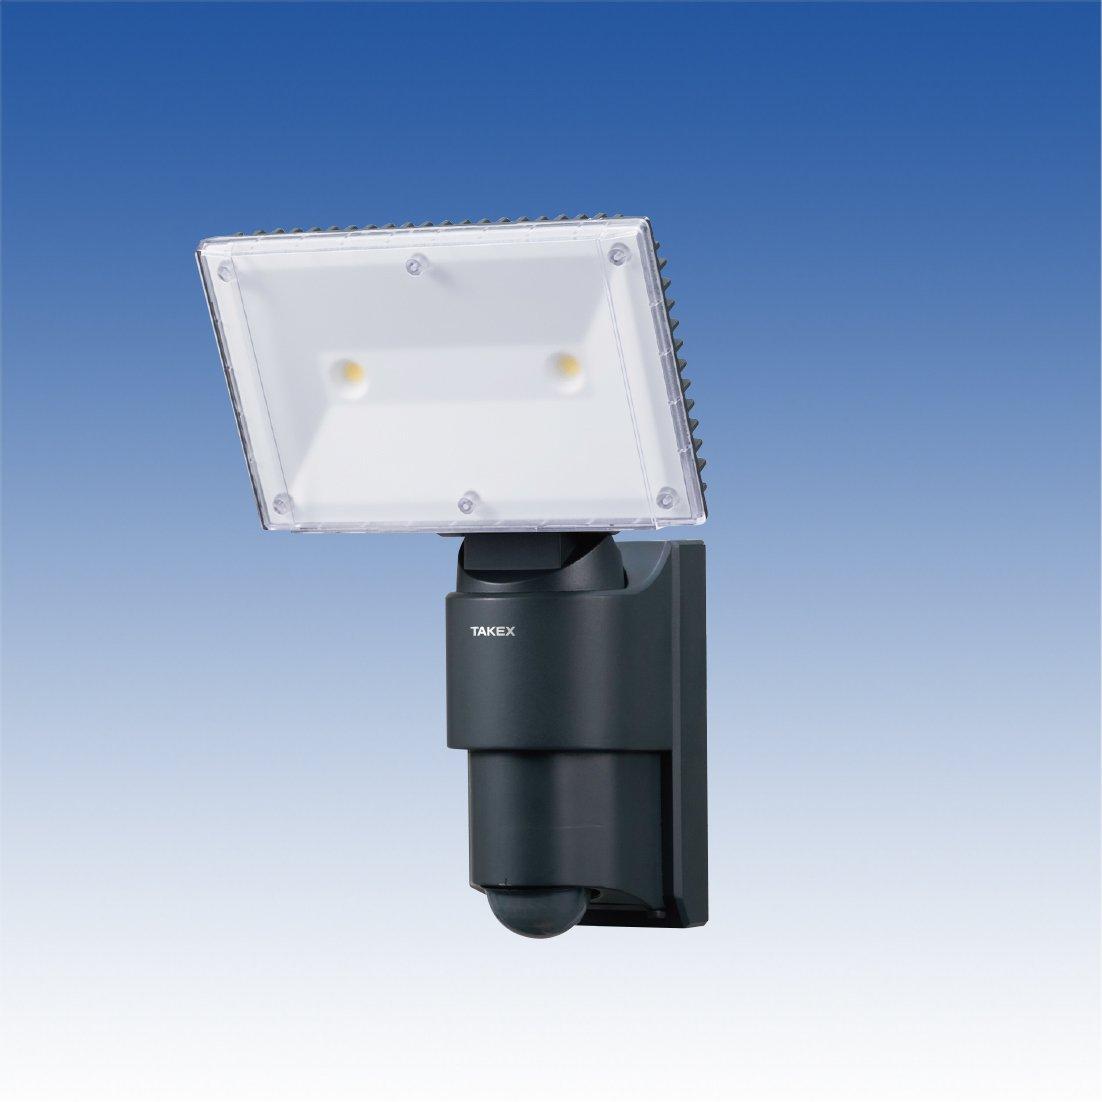 日本製 LED 人感ライト【LCL-32】【LCL-32】 LED TAKEX/竹中エンジニアリング 人感ライト B0111X49UG, コリのことなら ほぐしや本舗:6f5c5a8e --- a0267596.xsph.ru